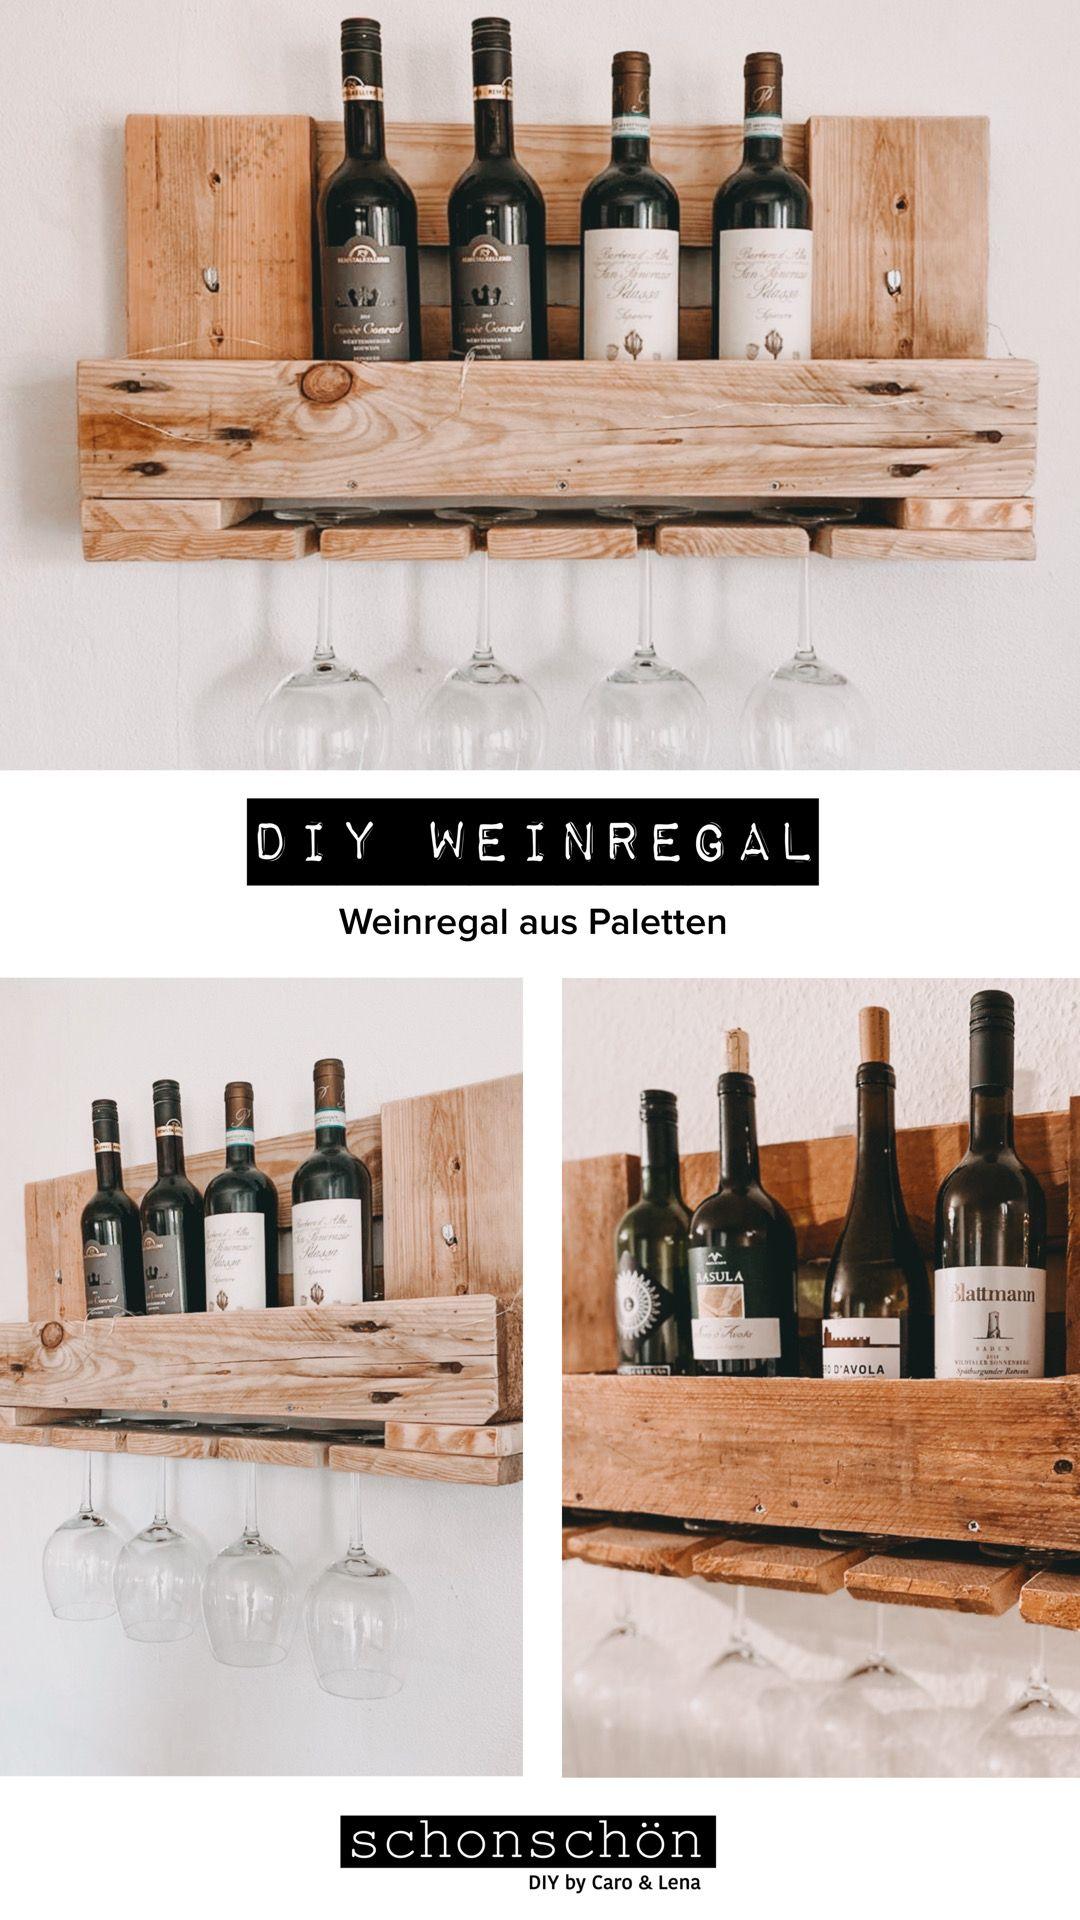 DIY Weinregal aus Europaletten selber machen